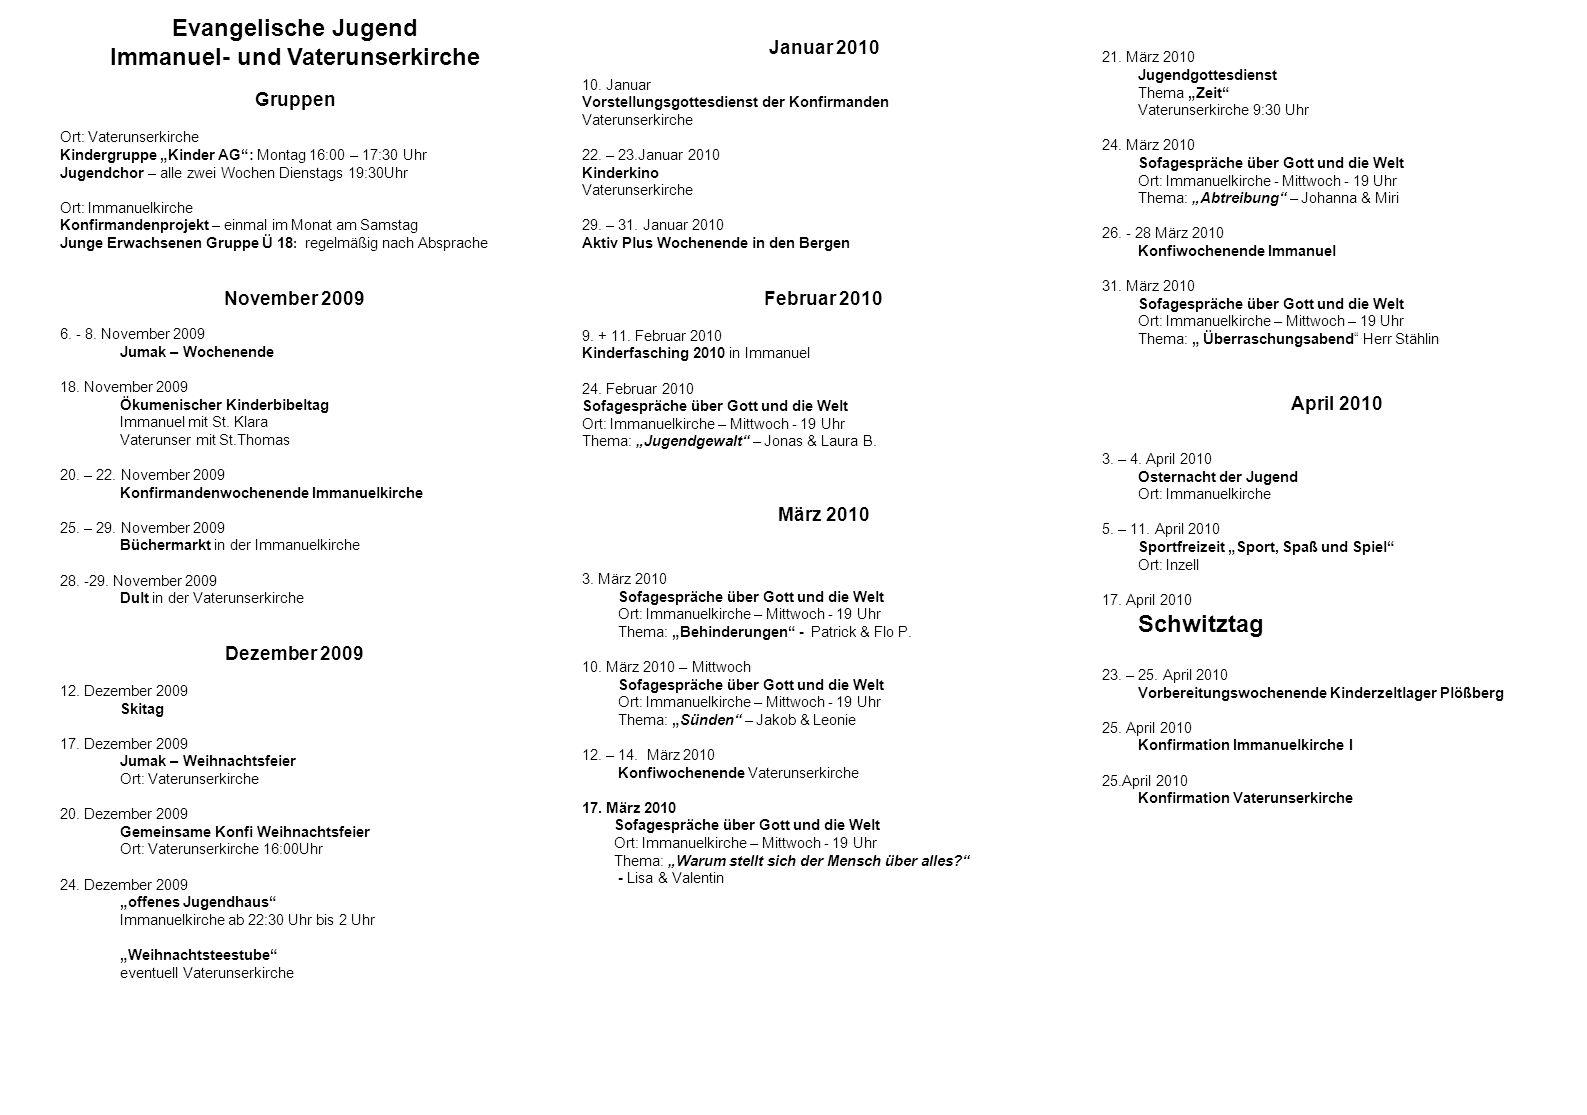 Evangelische Jugend Immanuel- und Vaterunserkirche Gruppen Ort: Vaterunserkirche Kindergruppe Kinder AG: Montag 16:00 – 17:30 Uhr Jugendchor – alle zwei Wochen Dienstags 19:30Uhr Ort: Immanuelkirche Konfirmandenprojekt – einmal im Monat am Samstag Junge Erwachsenen Gruppe Ü 18 : regelmäßig nach Absprache November 2009 6.